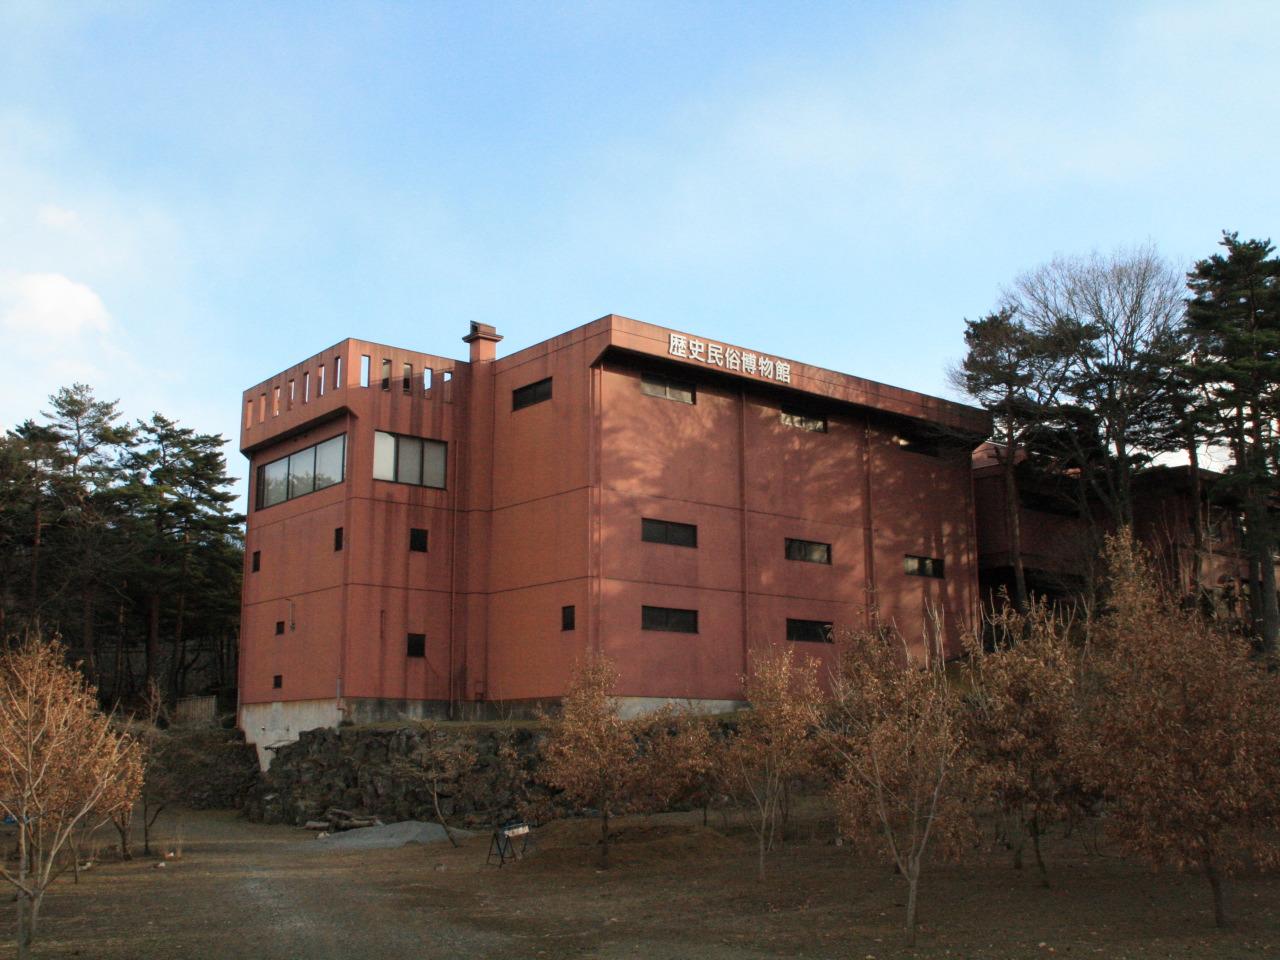 ふじさんミュージアム(富士吉田市歴史民俗博物館)